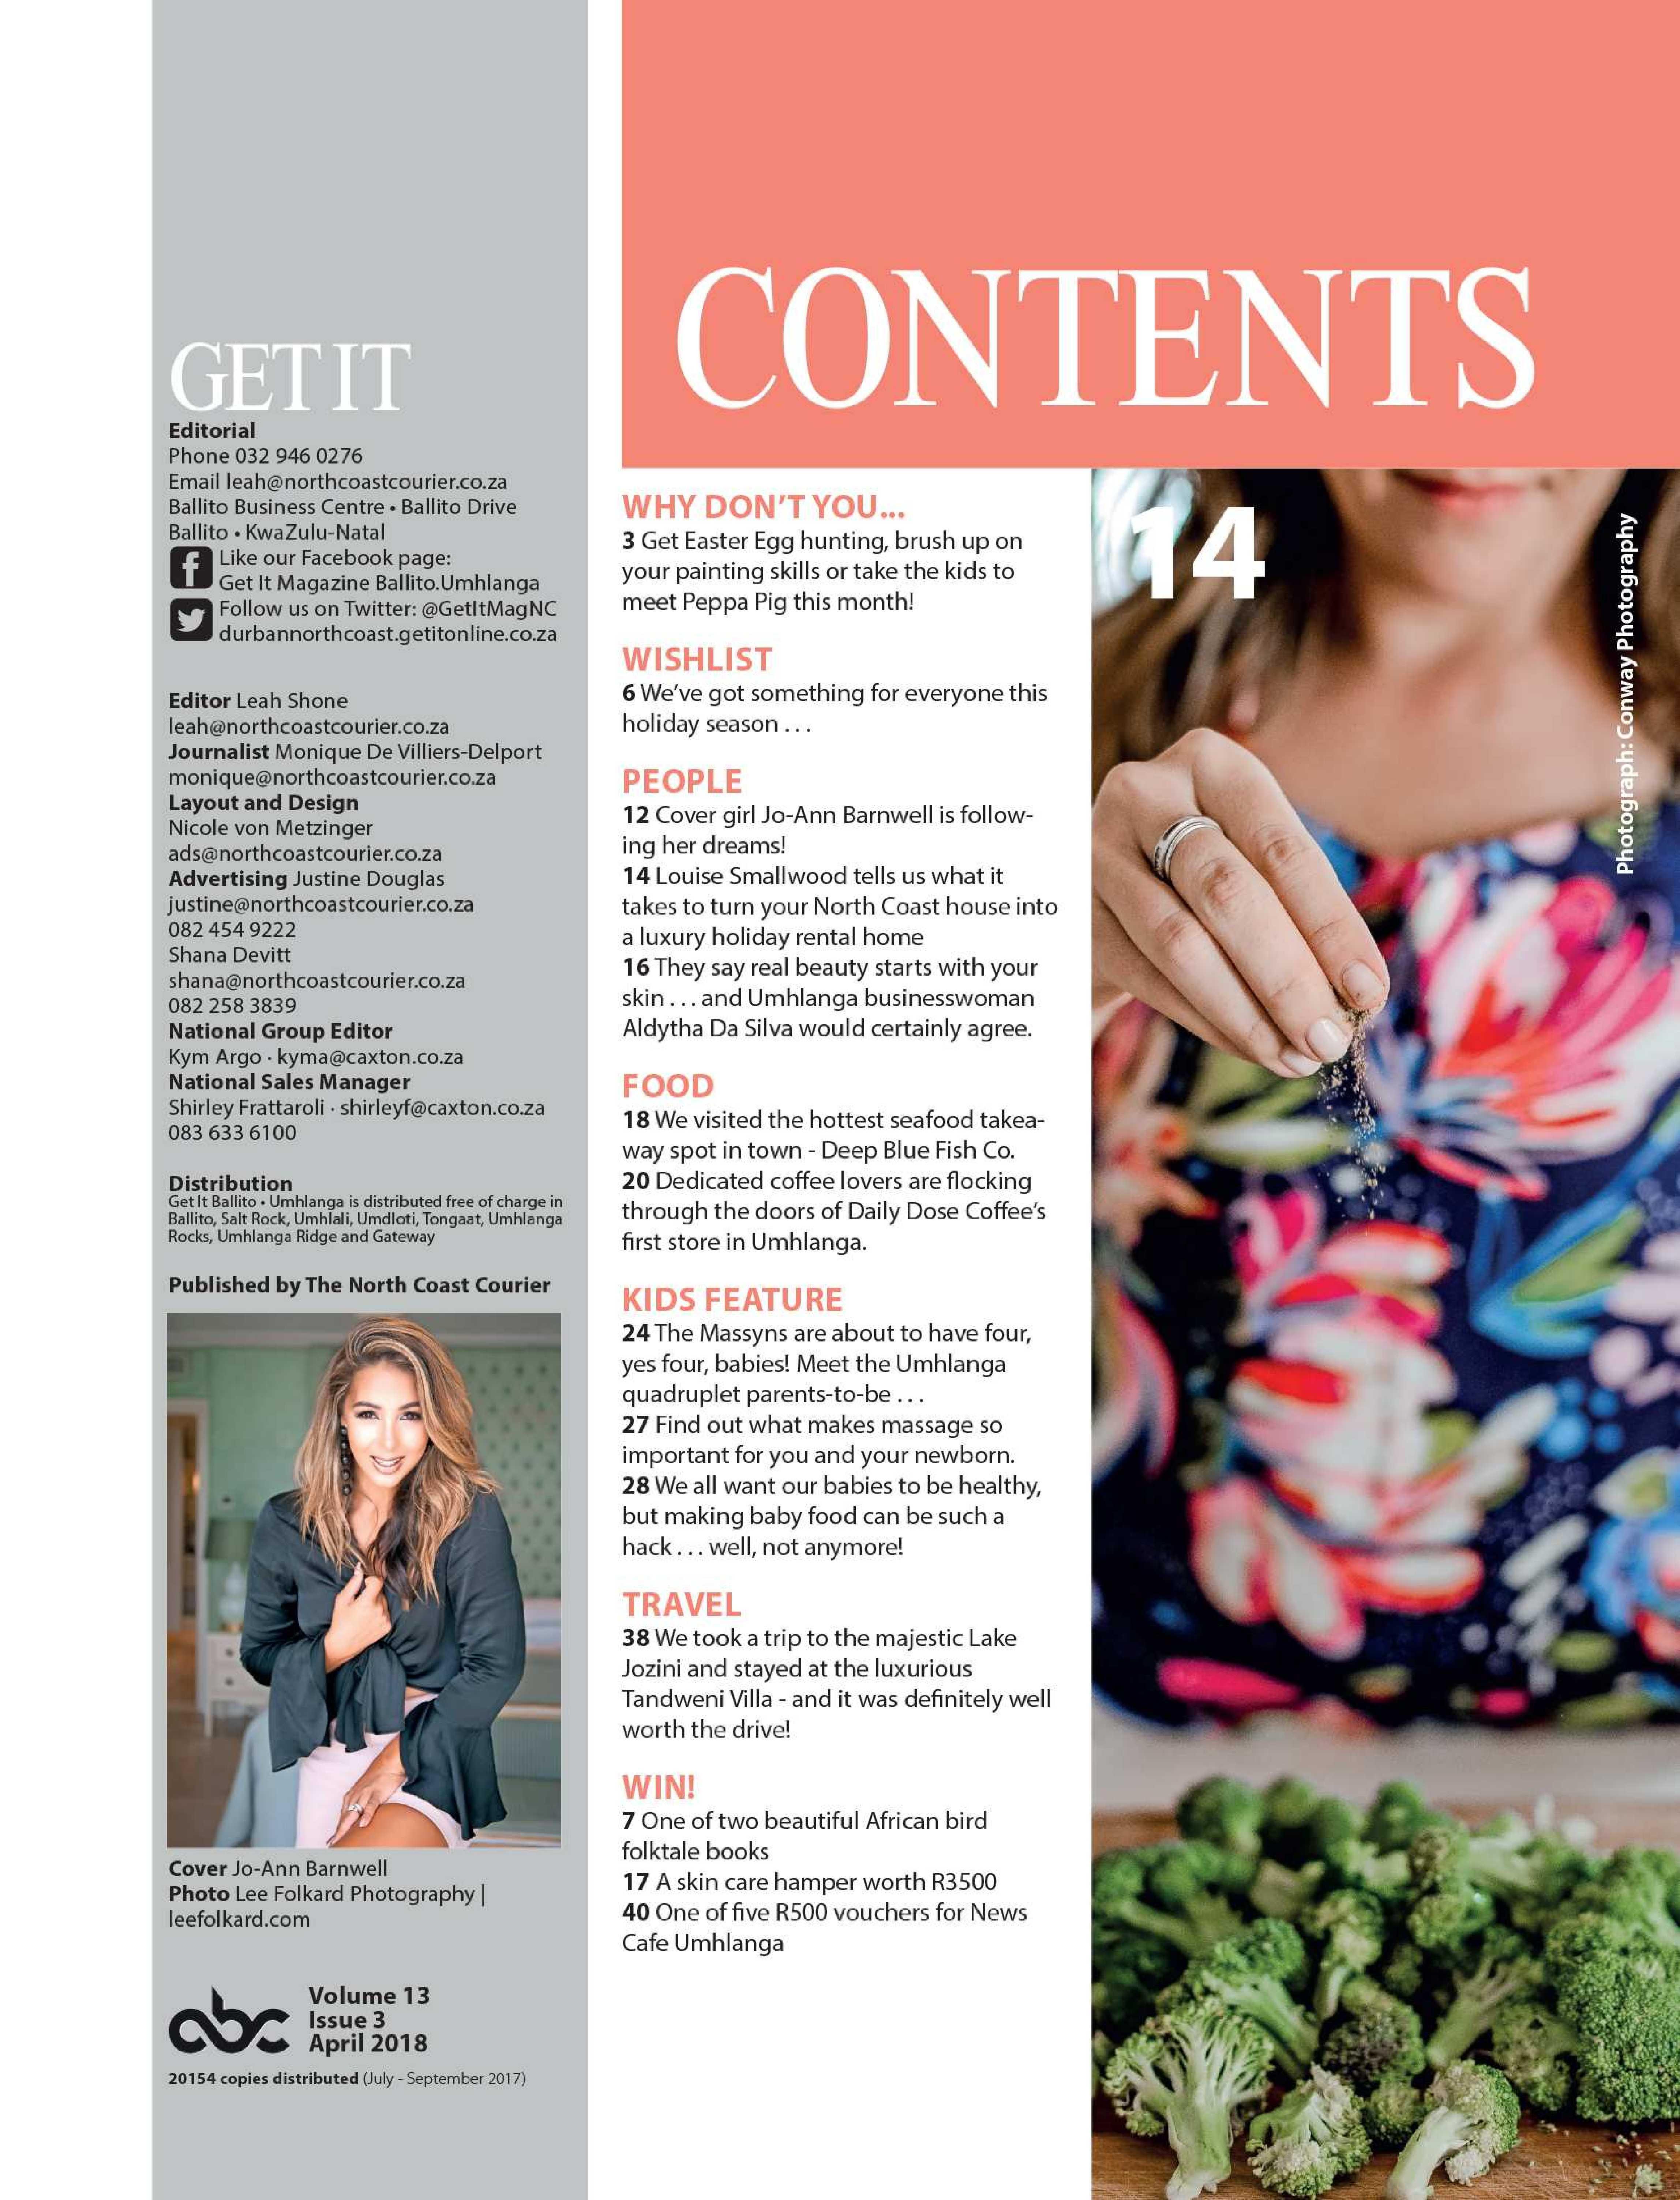 get-magazine-ballitoumhlanga-april-2018-epapers-page-3